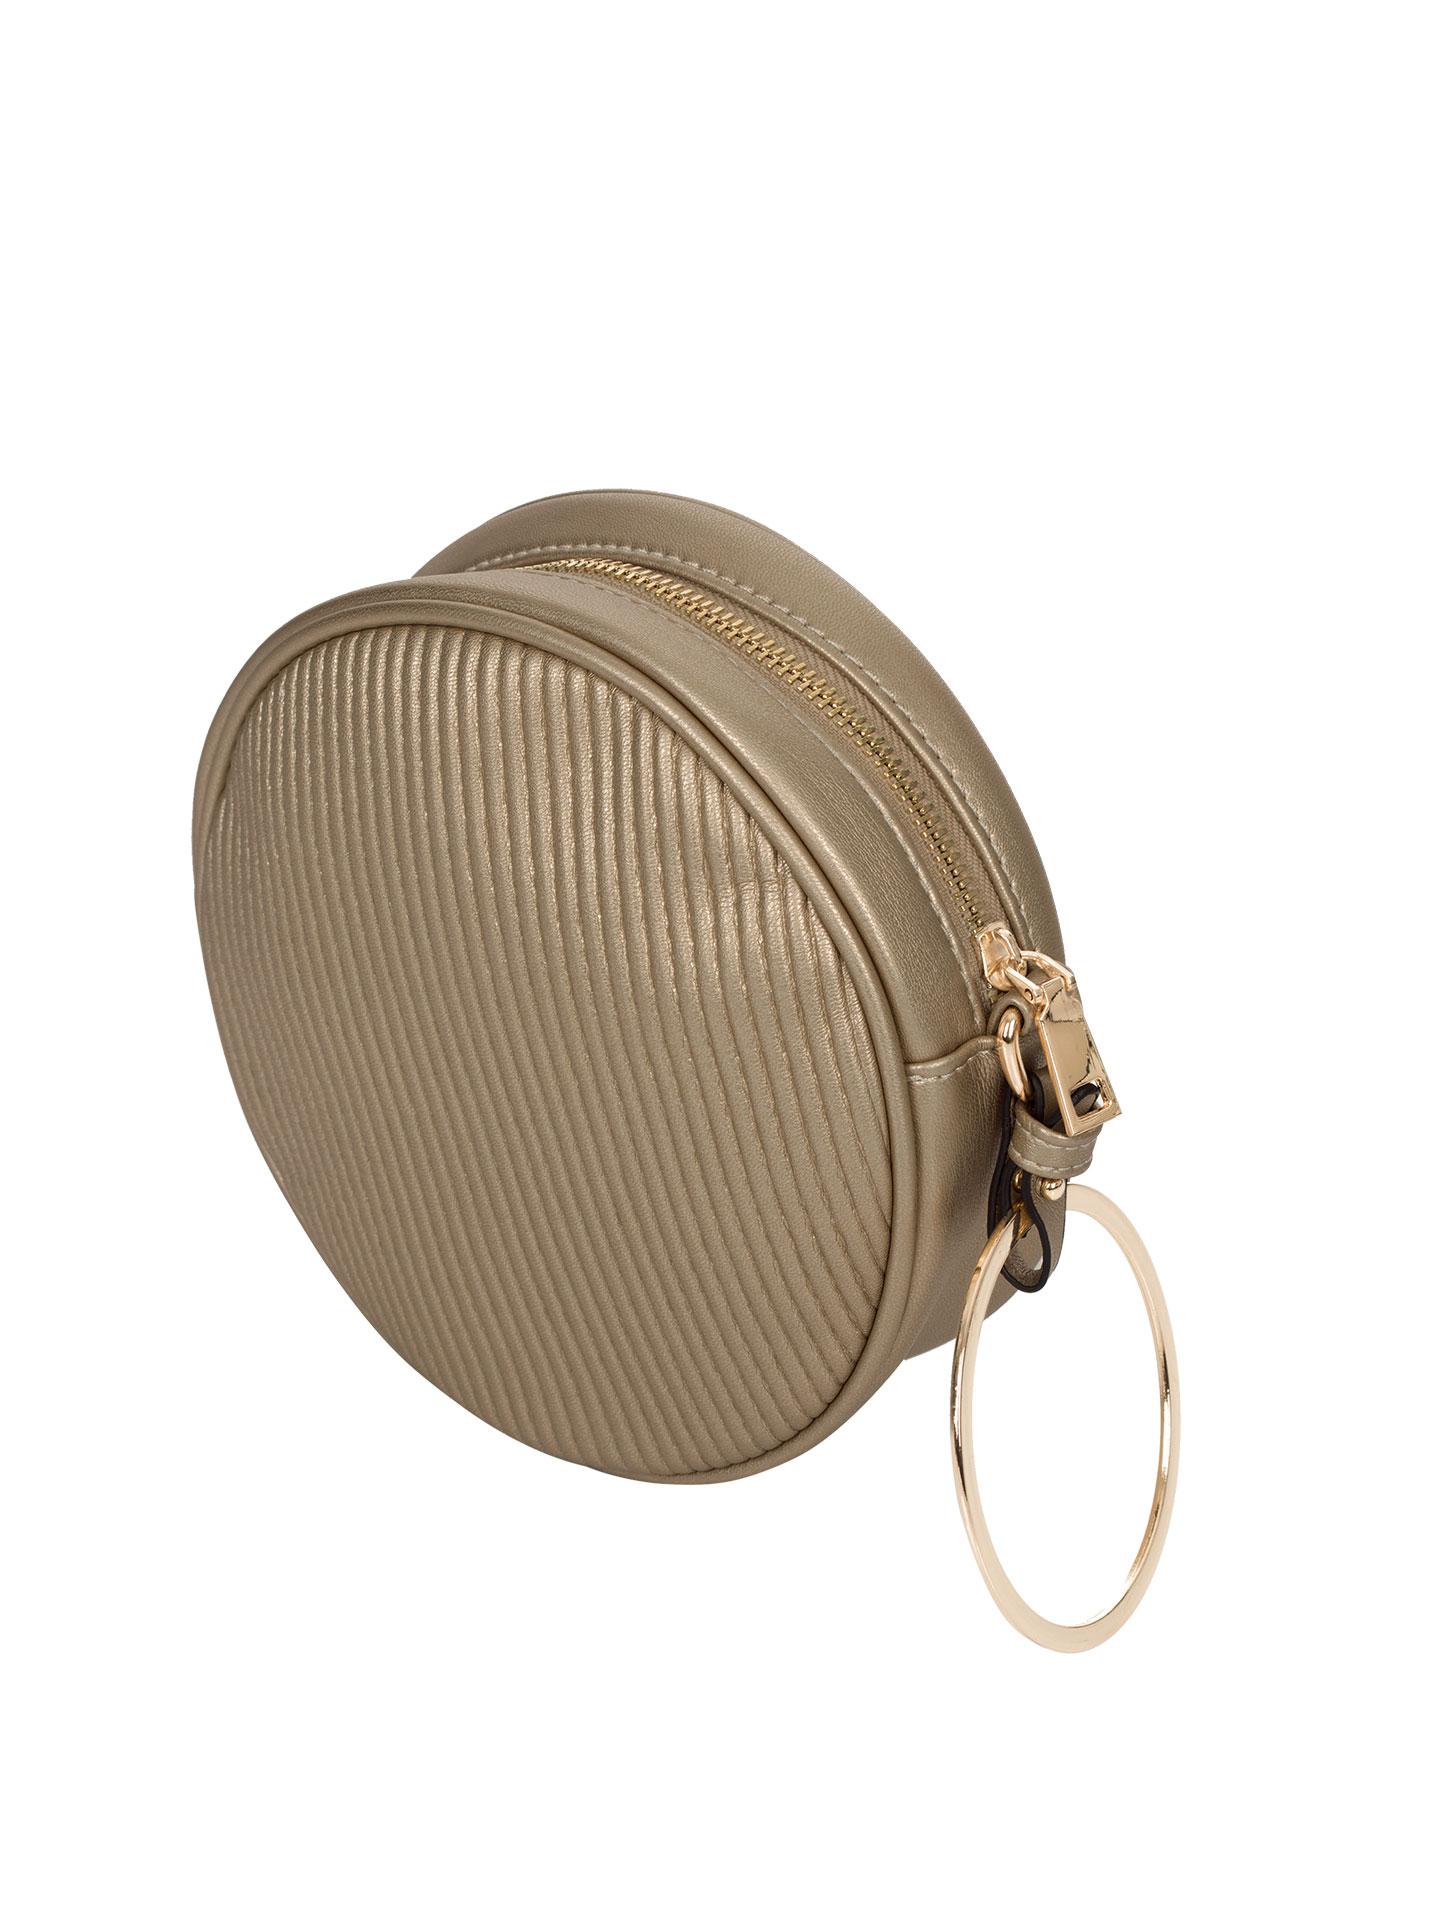 Στρογγυλή ανάγλυφη τσάντα με κρίκο σε μπρονζε 02a21a9e132